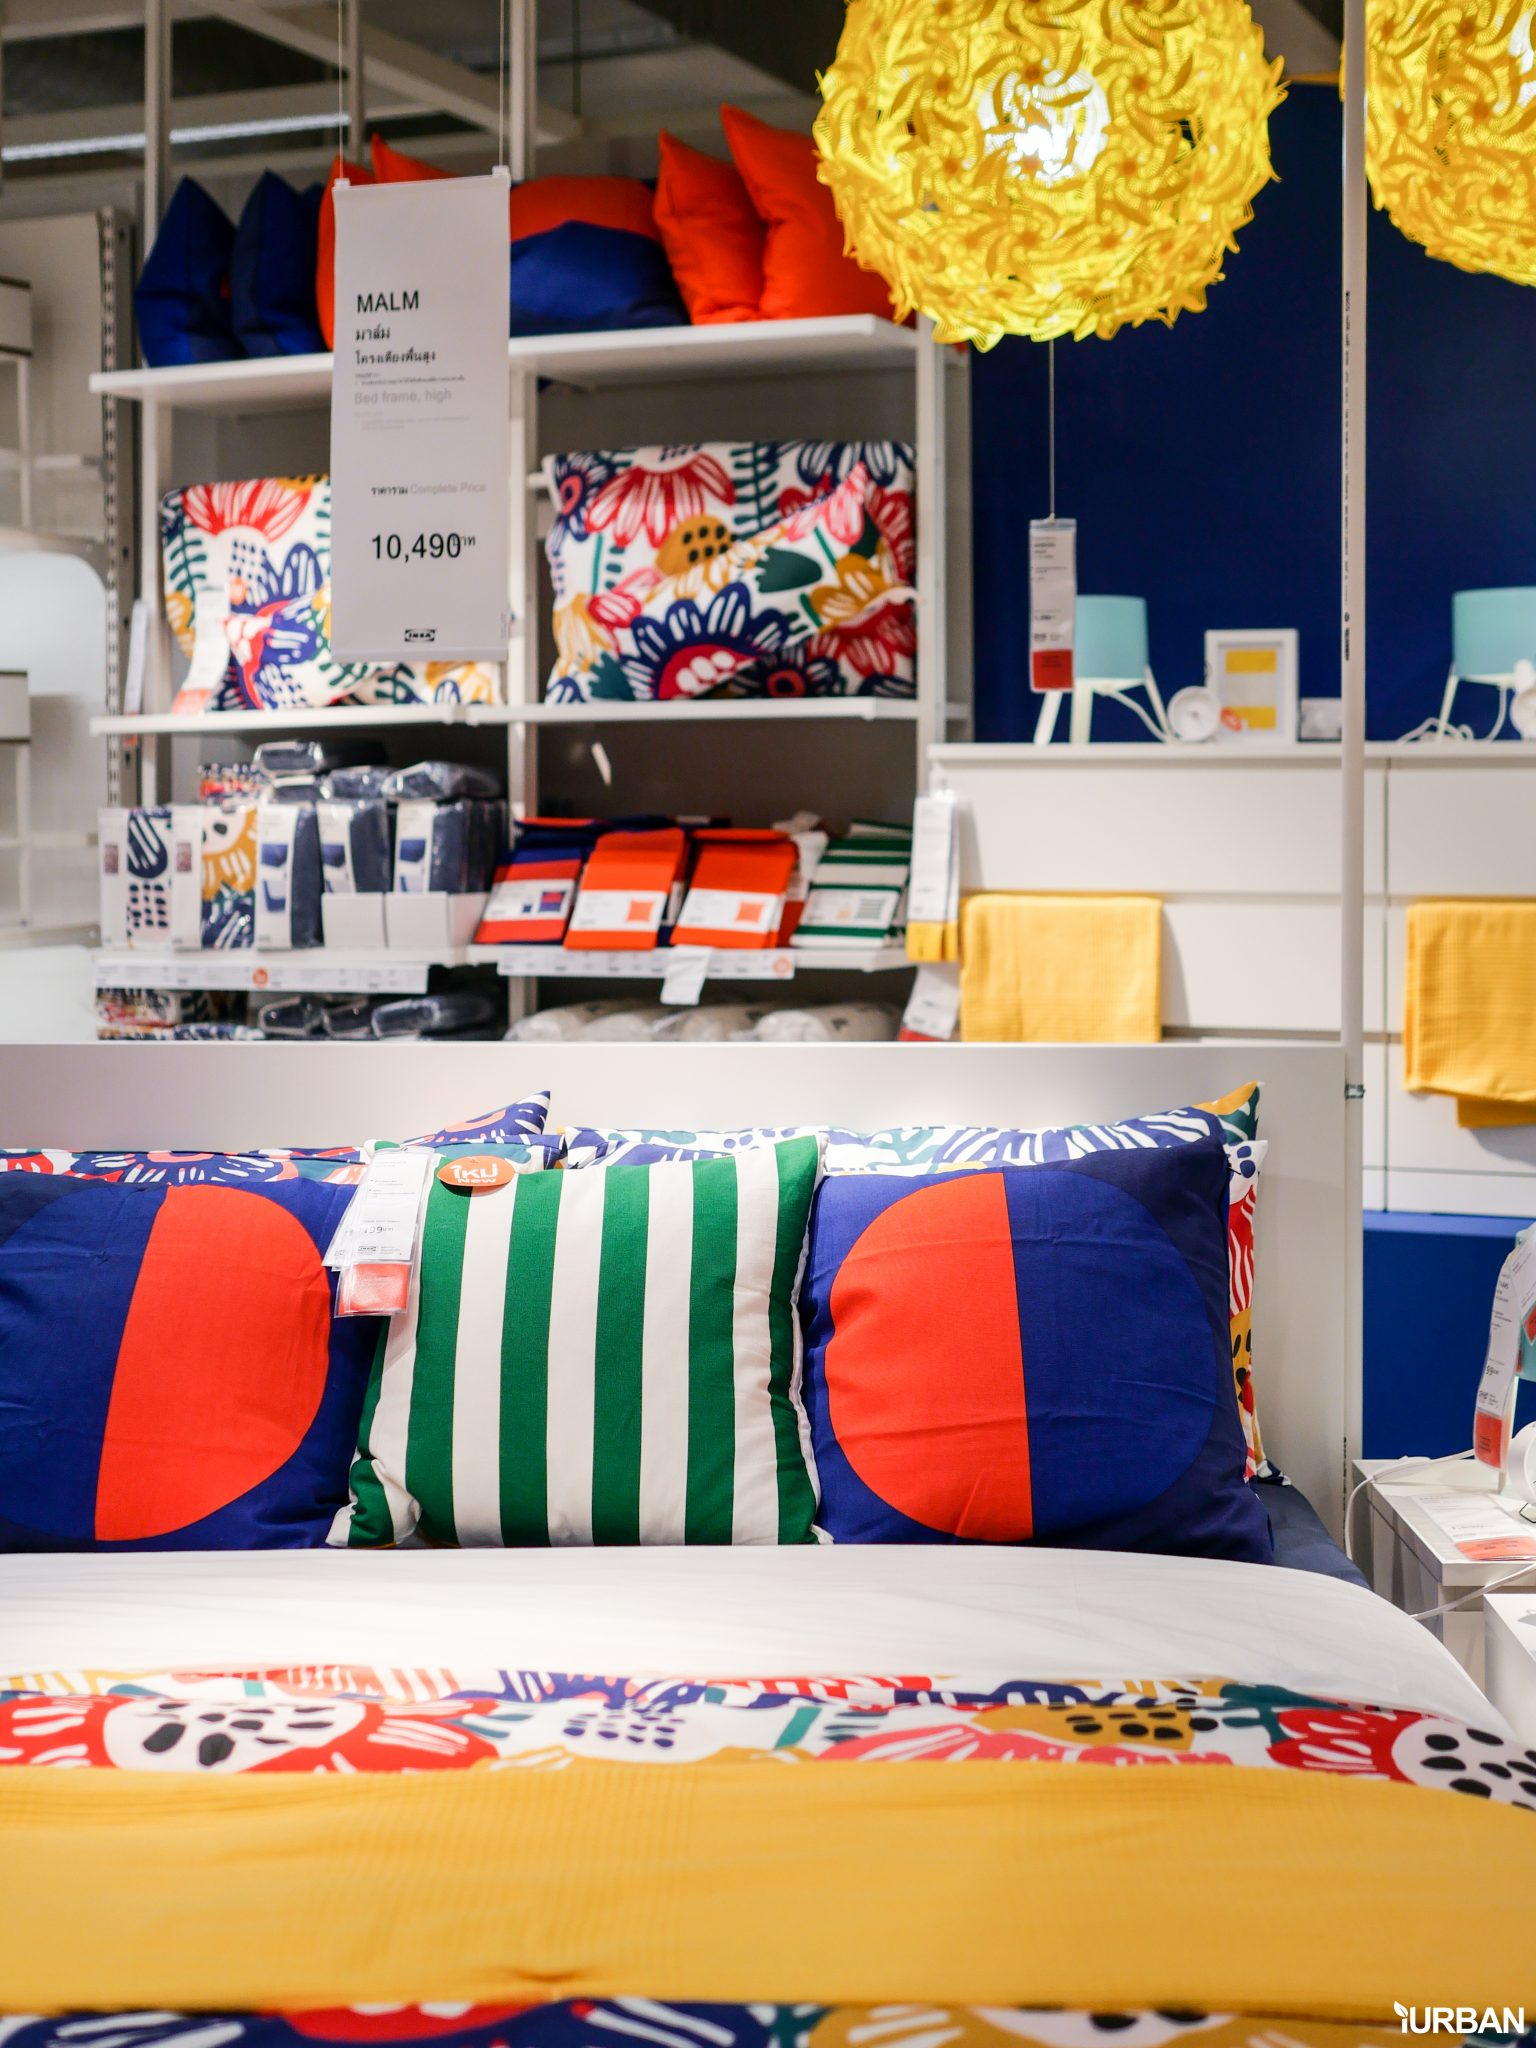 """9 วิธีจัดห้องเก่าให้เหมือนใหม่ ลอกวิธีจัดห้องในพื้นที่เล็ก """"Small Space"""" แบบ IKEA 126 - Bedroom"""